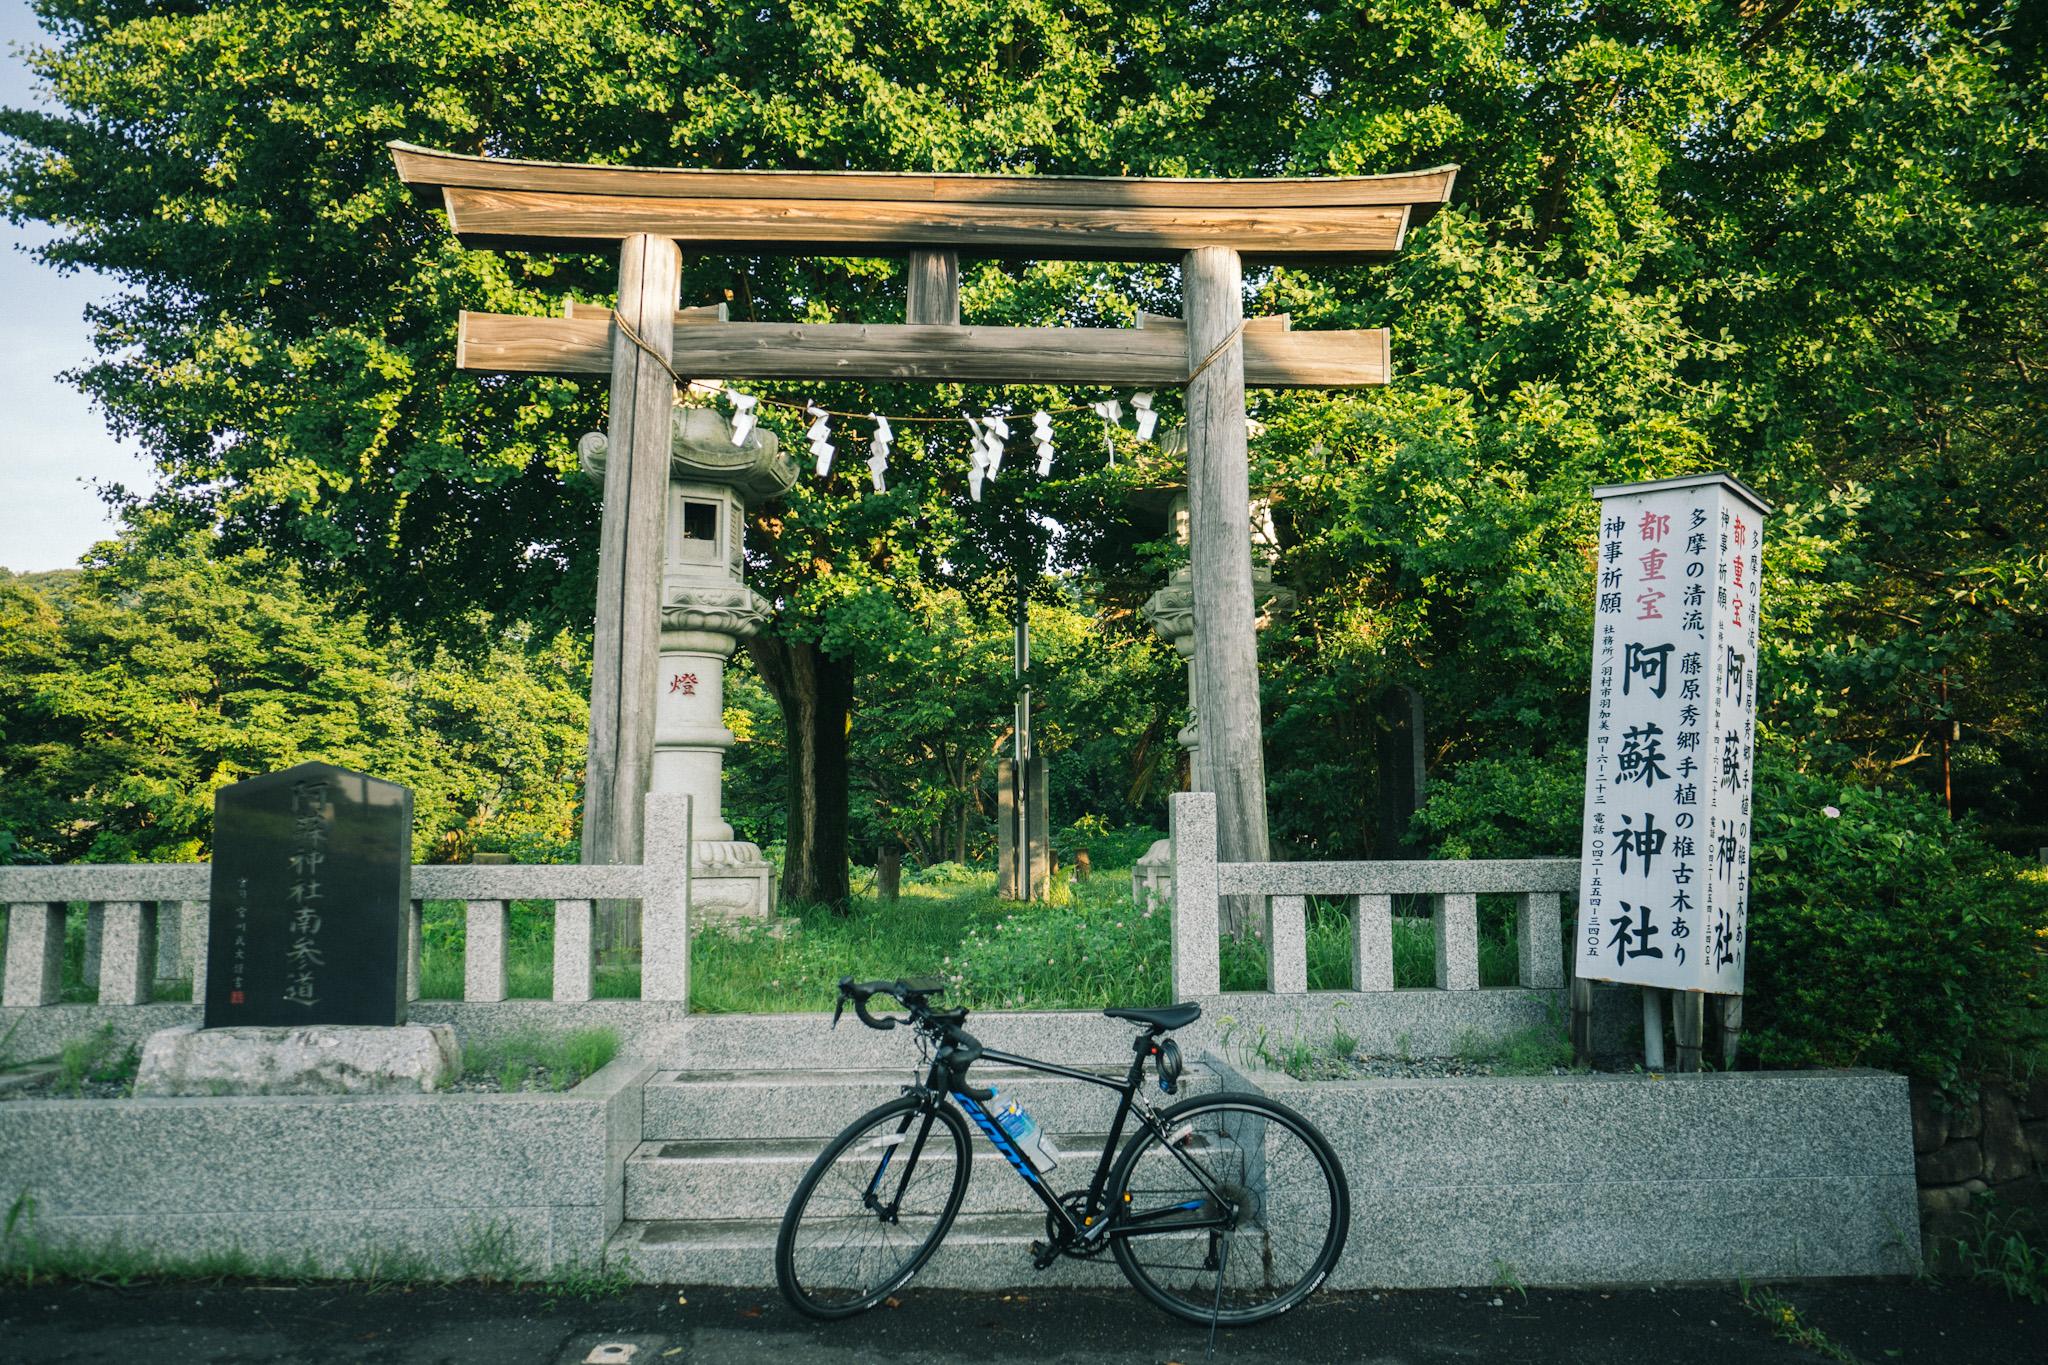 羽村阿蘇神社